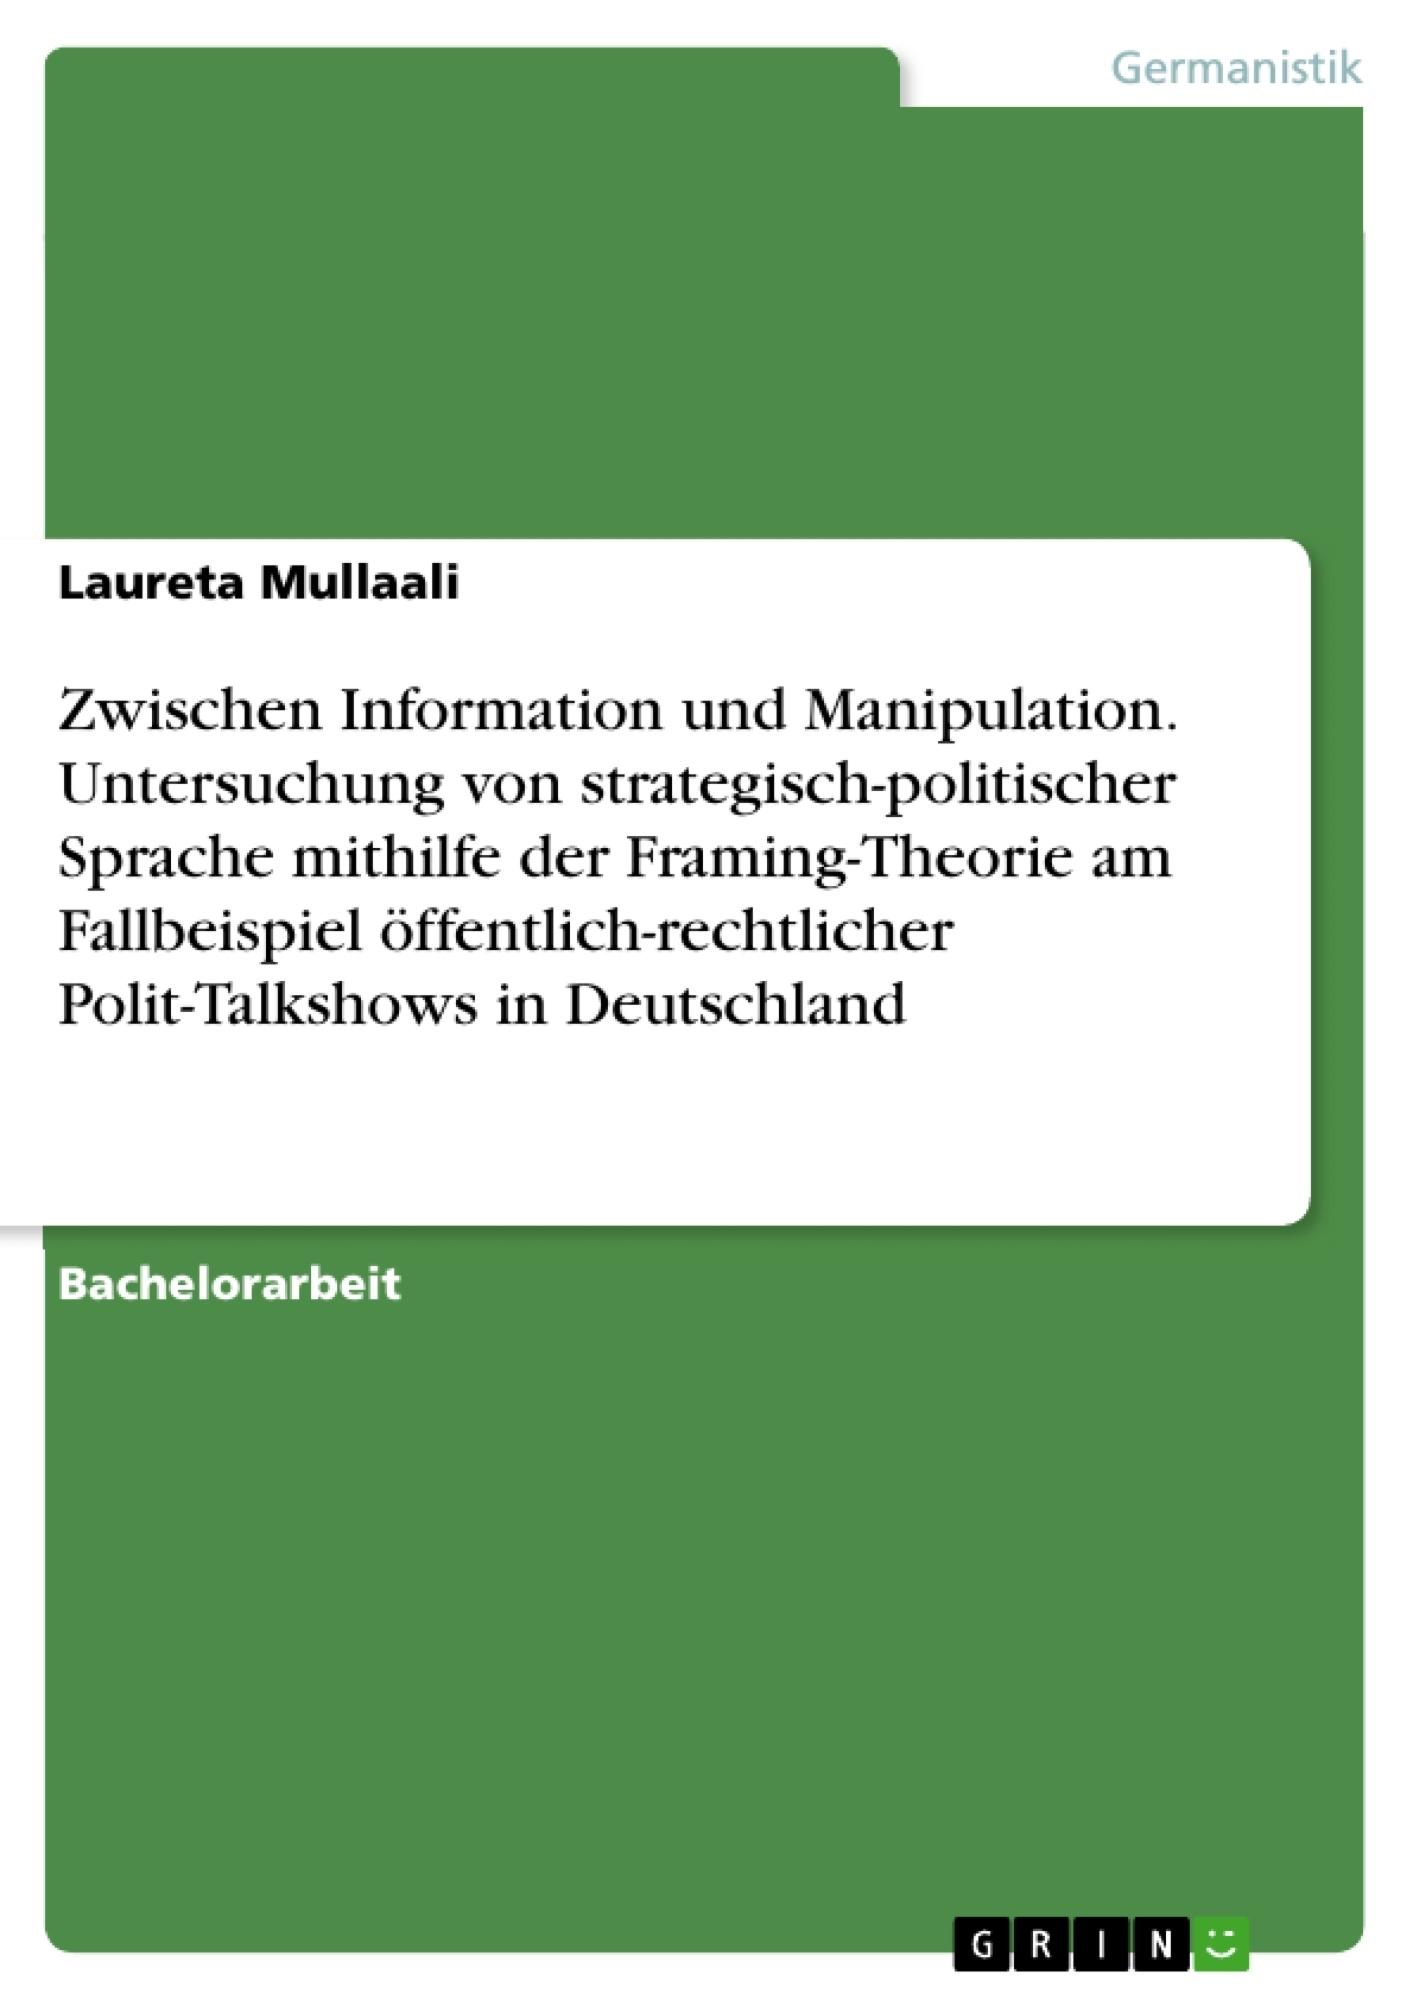 Titel: Zwischen Information und Manipulation. Untersuchung von strategisch-politischer Sprache mithilfe der Framing-Theorie am Fallbeispiel öffentlich-rechtlicher Polit-Talkshows in Deutschland